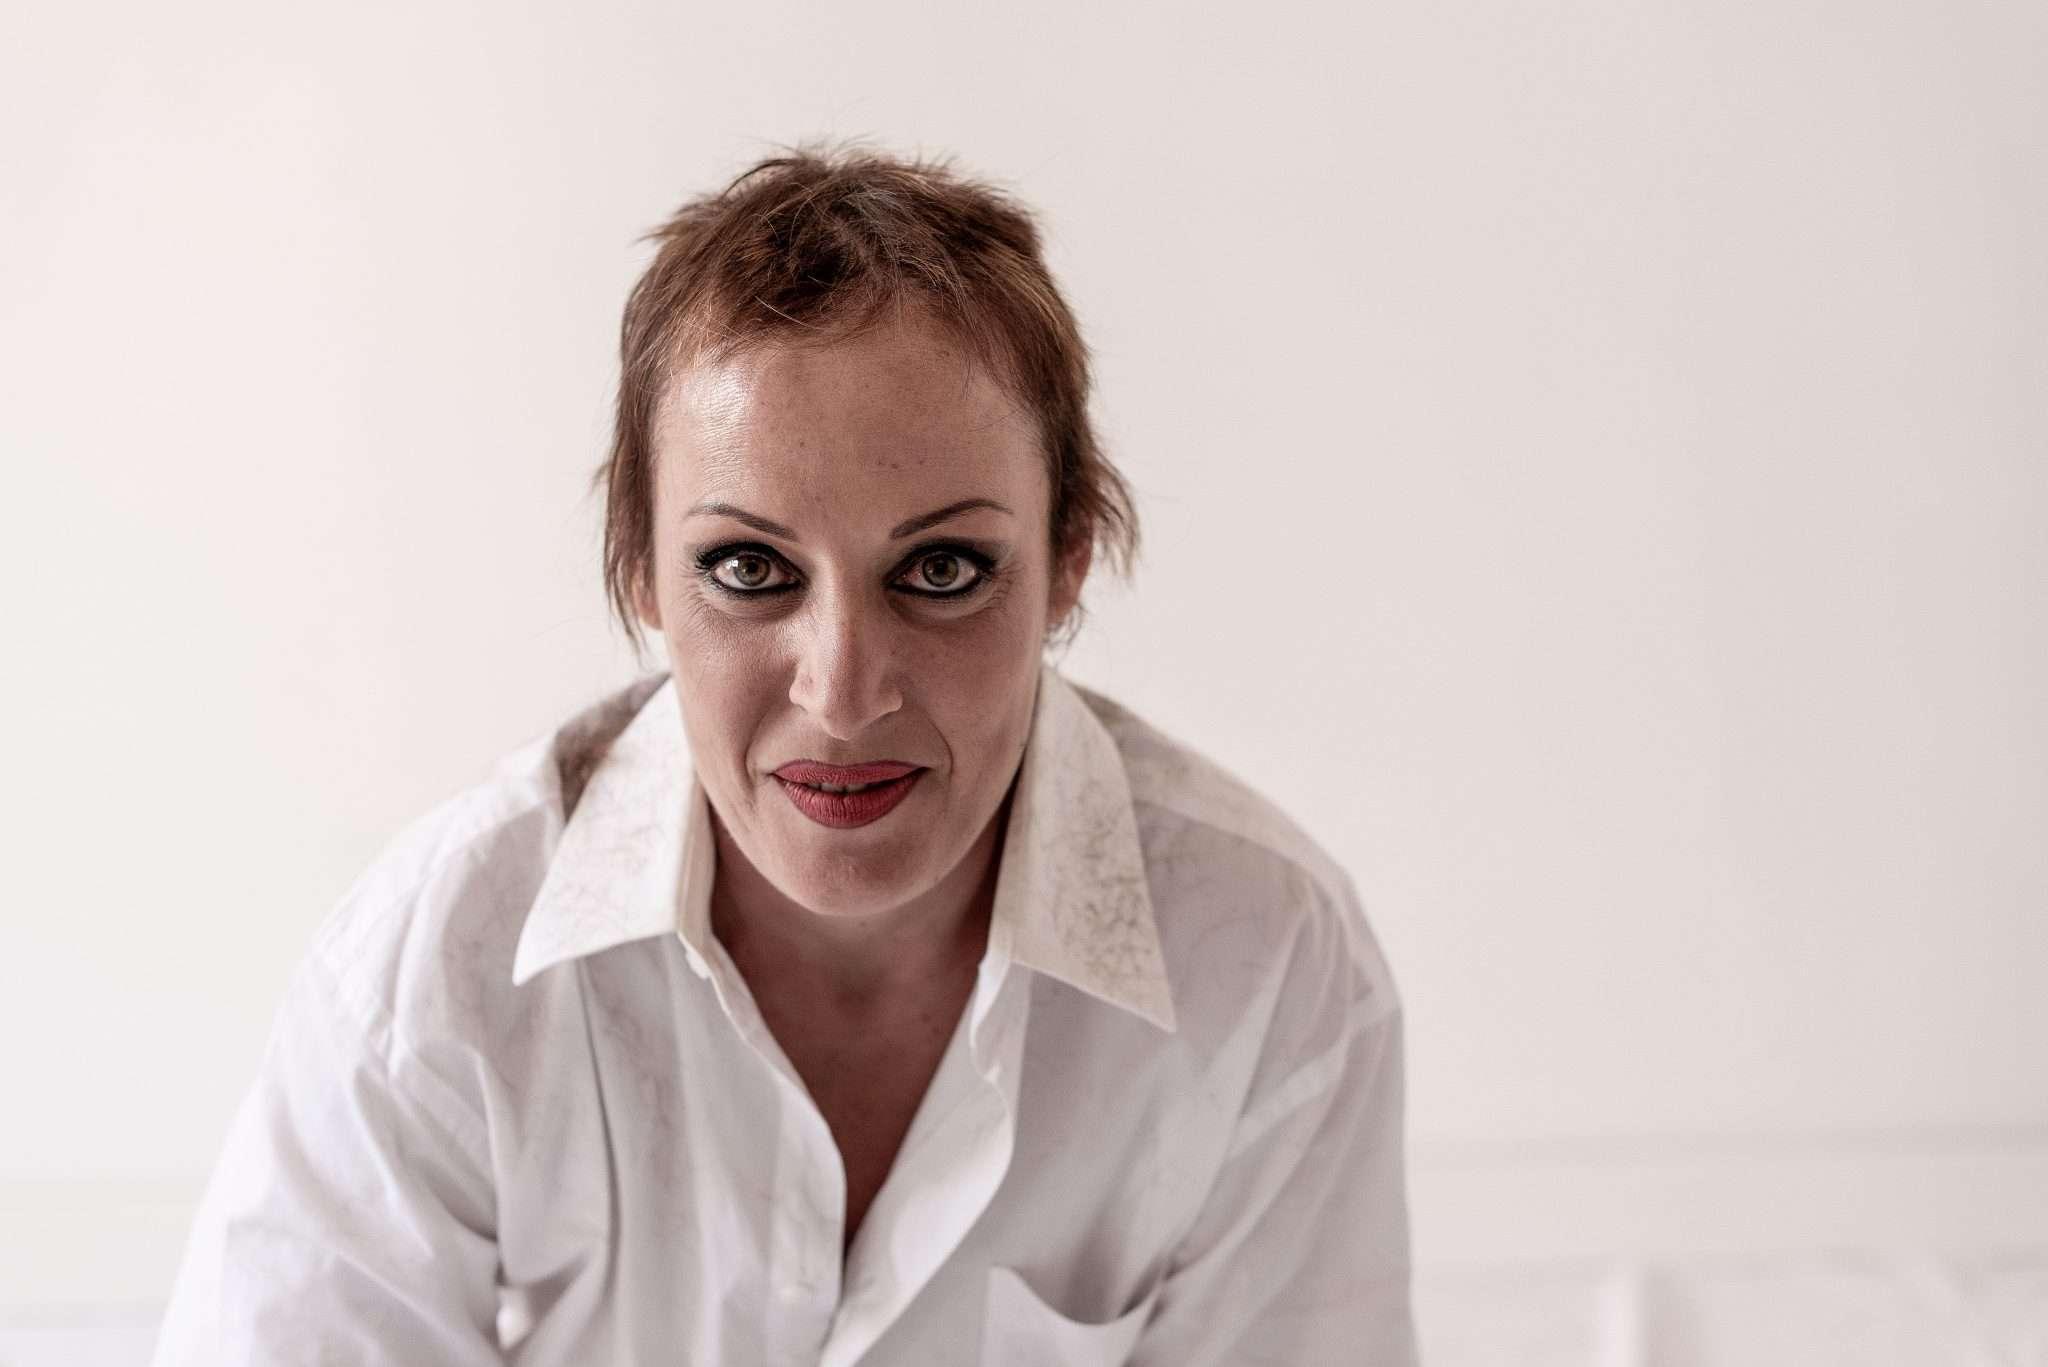 Barbara Trincone, giovane fotografa partenopea per un progetto fotografico dedicato a tutte le donne, moderne eroine di questa società.